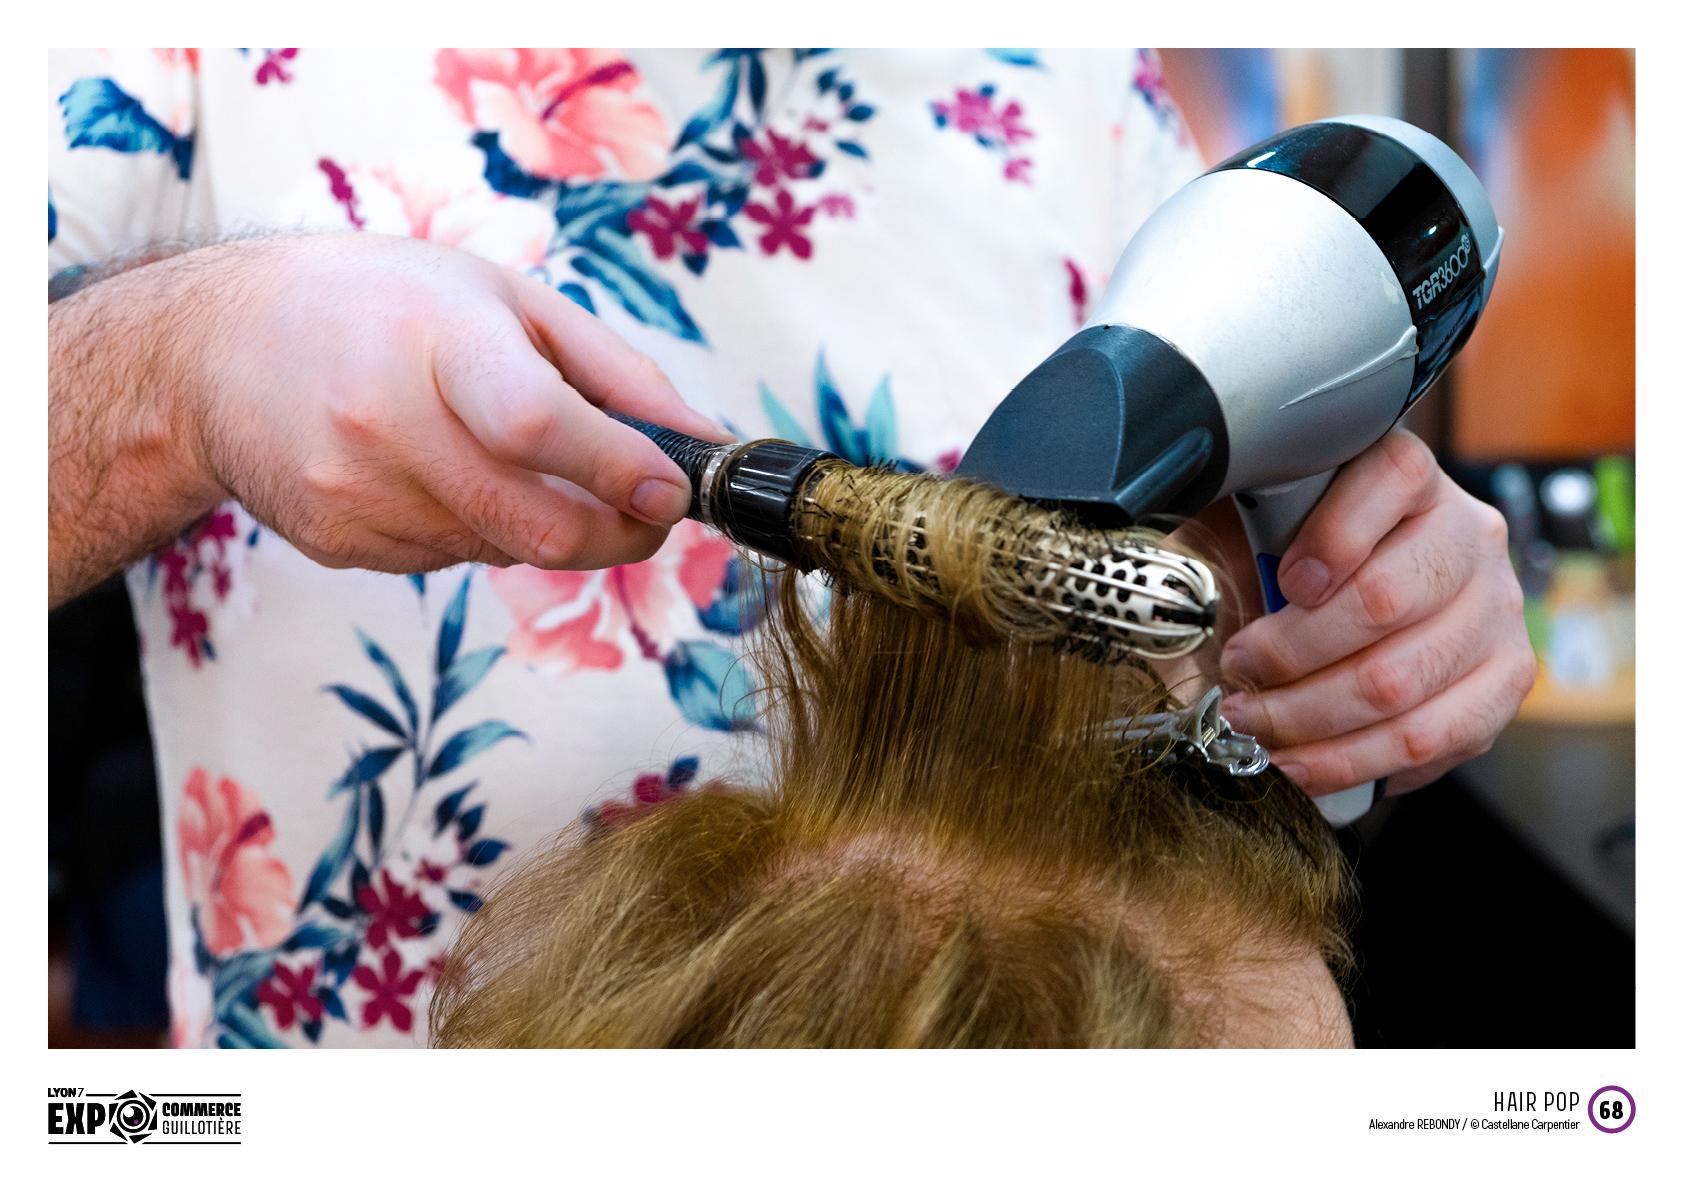 Hair pop